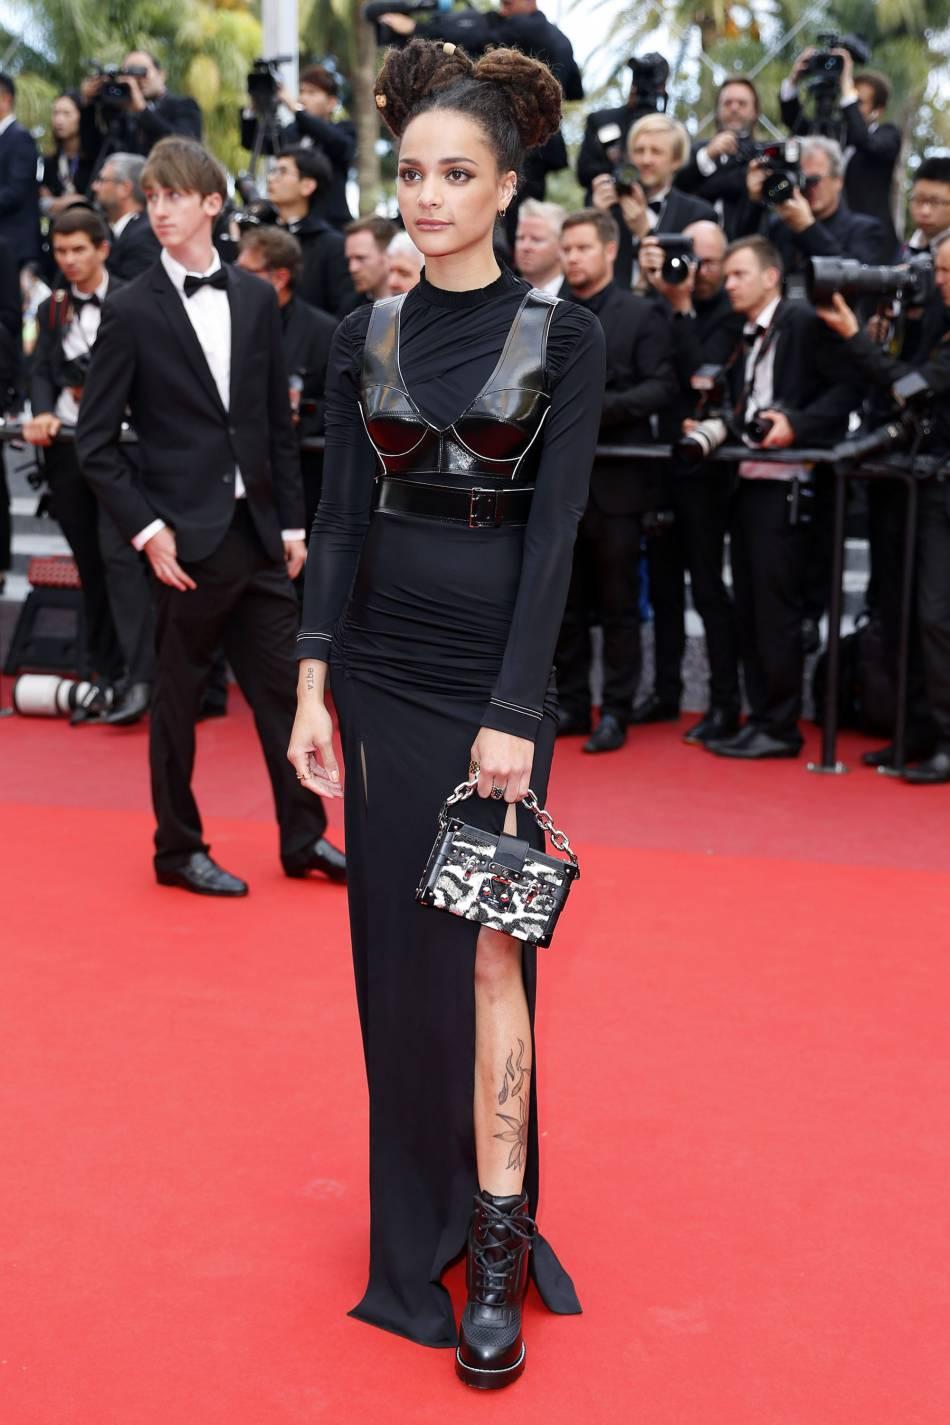 Sasha Lane en robe Vuitton lors de la montée des marches de la cérémonie de clôture du 69ème Festival International du Film de Cannes.